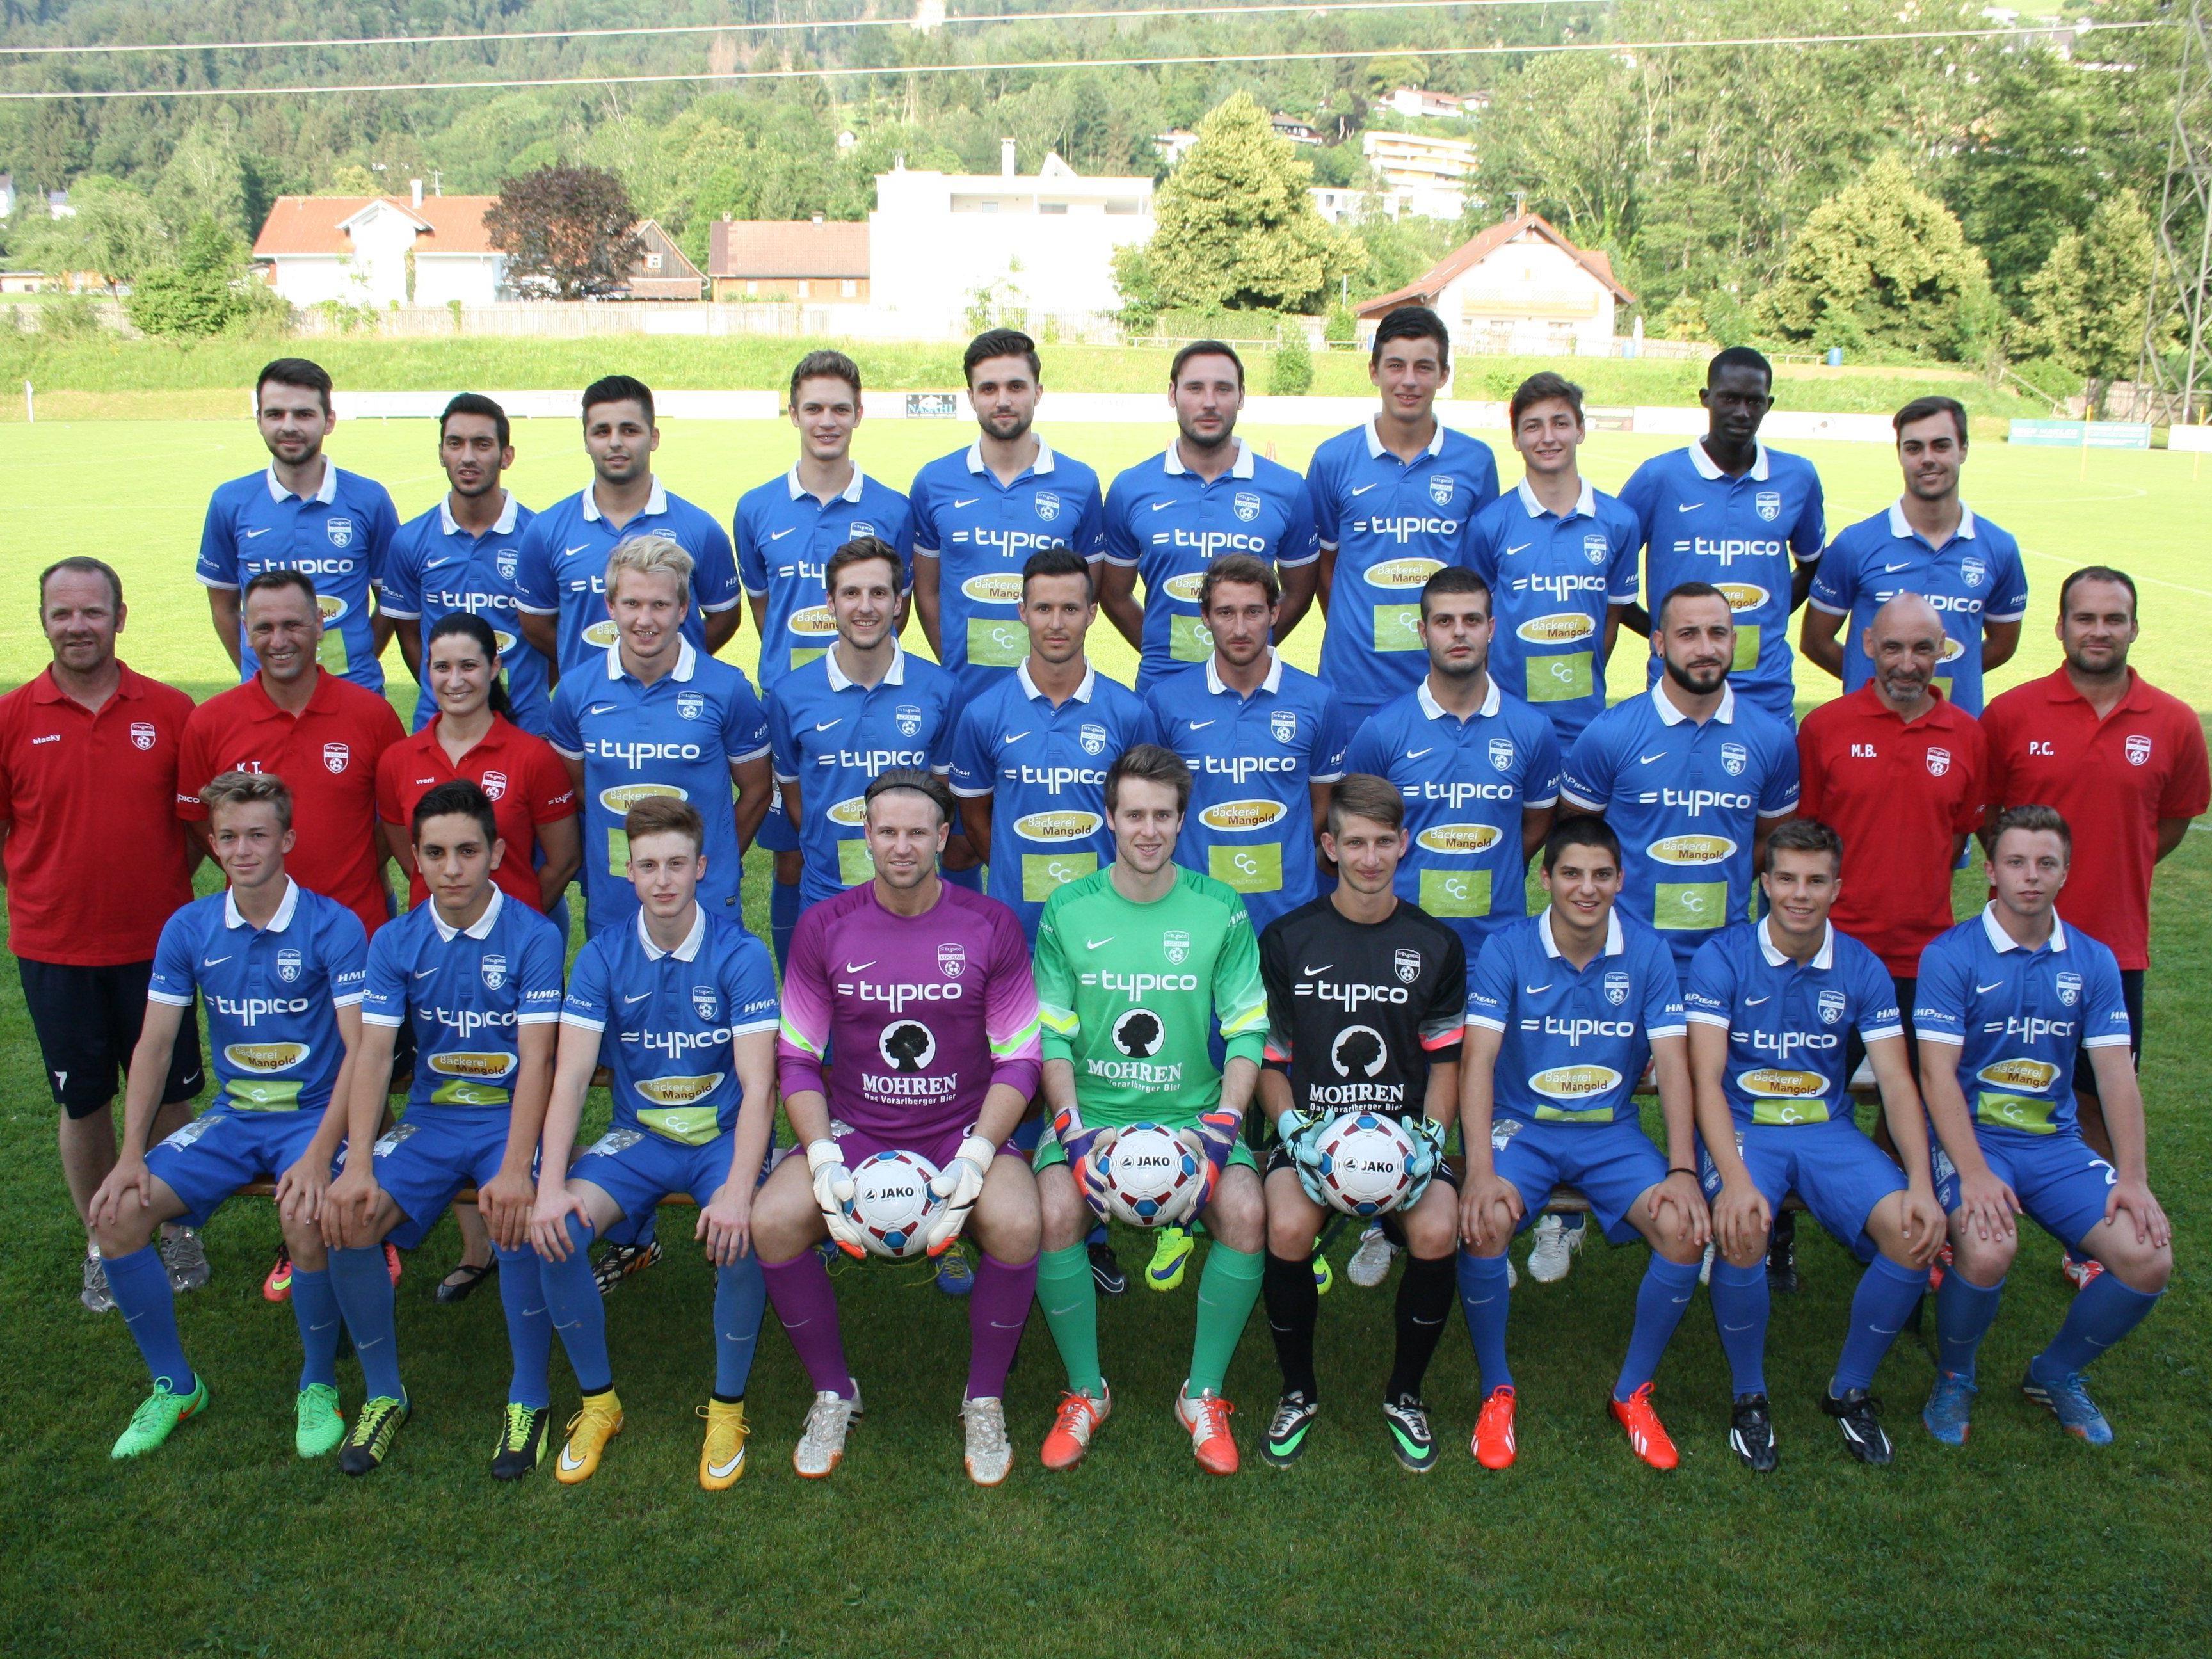 Der Kader der Kampfmannschaft des SV Typico Lochau ist für die Landesliga-Meisterschaft 2015/16 bestens aufgestellt.